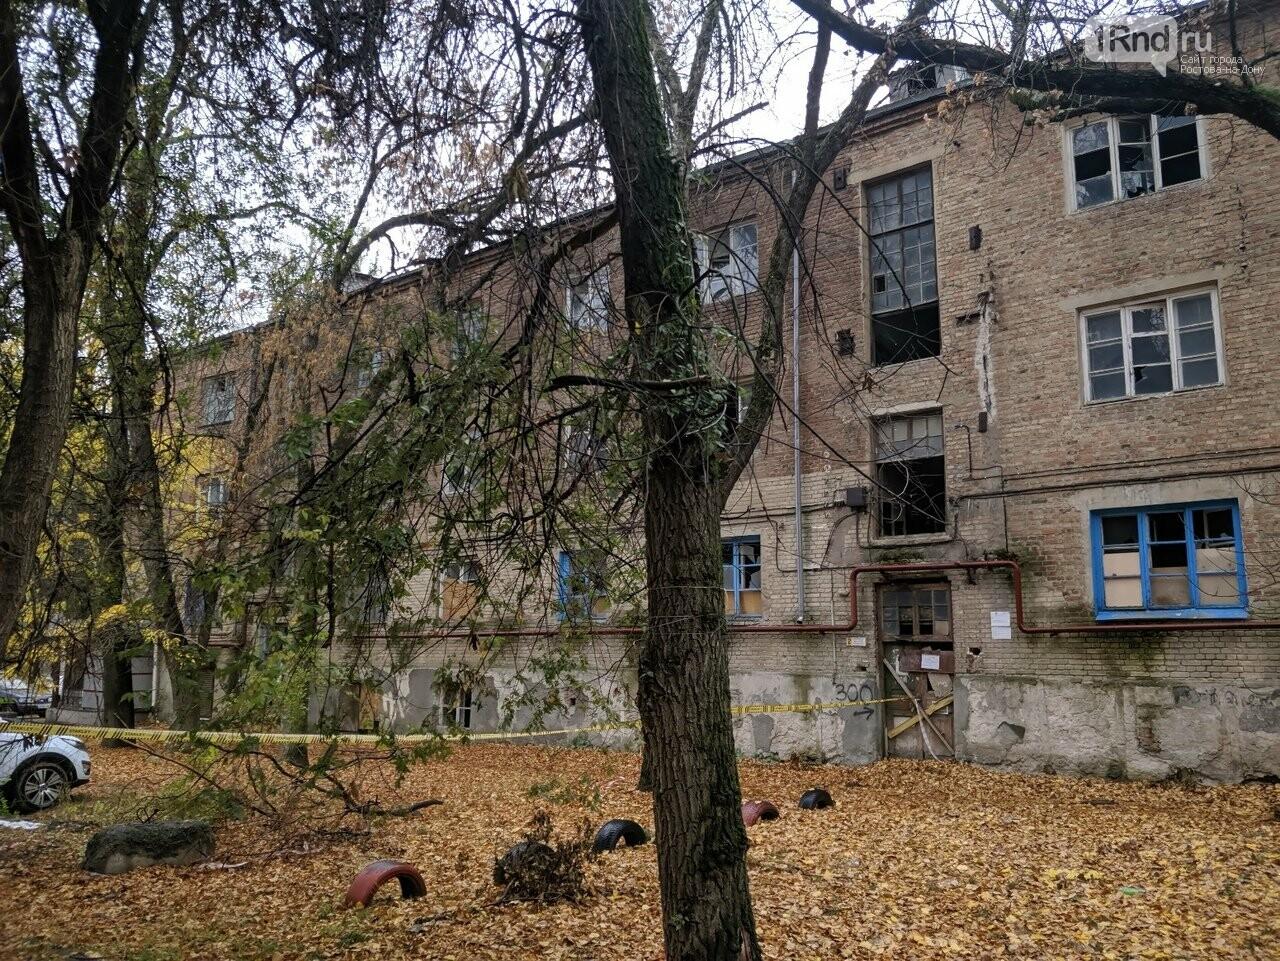 Путь к знаниям: как ростовские школьники добираются до своих школ, фото-7